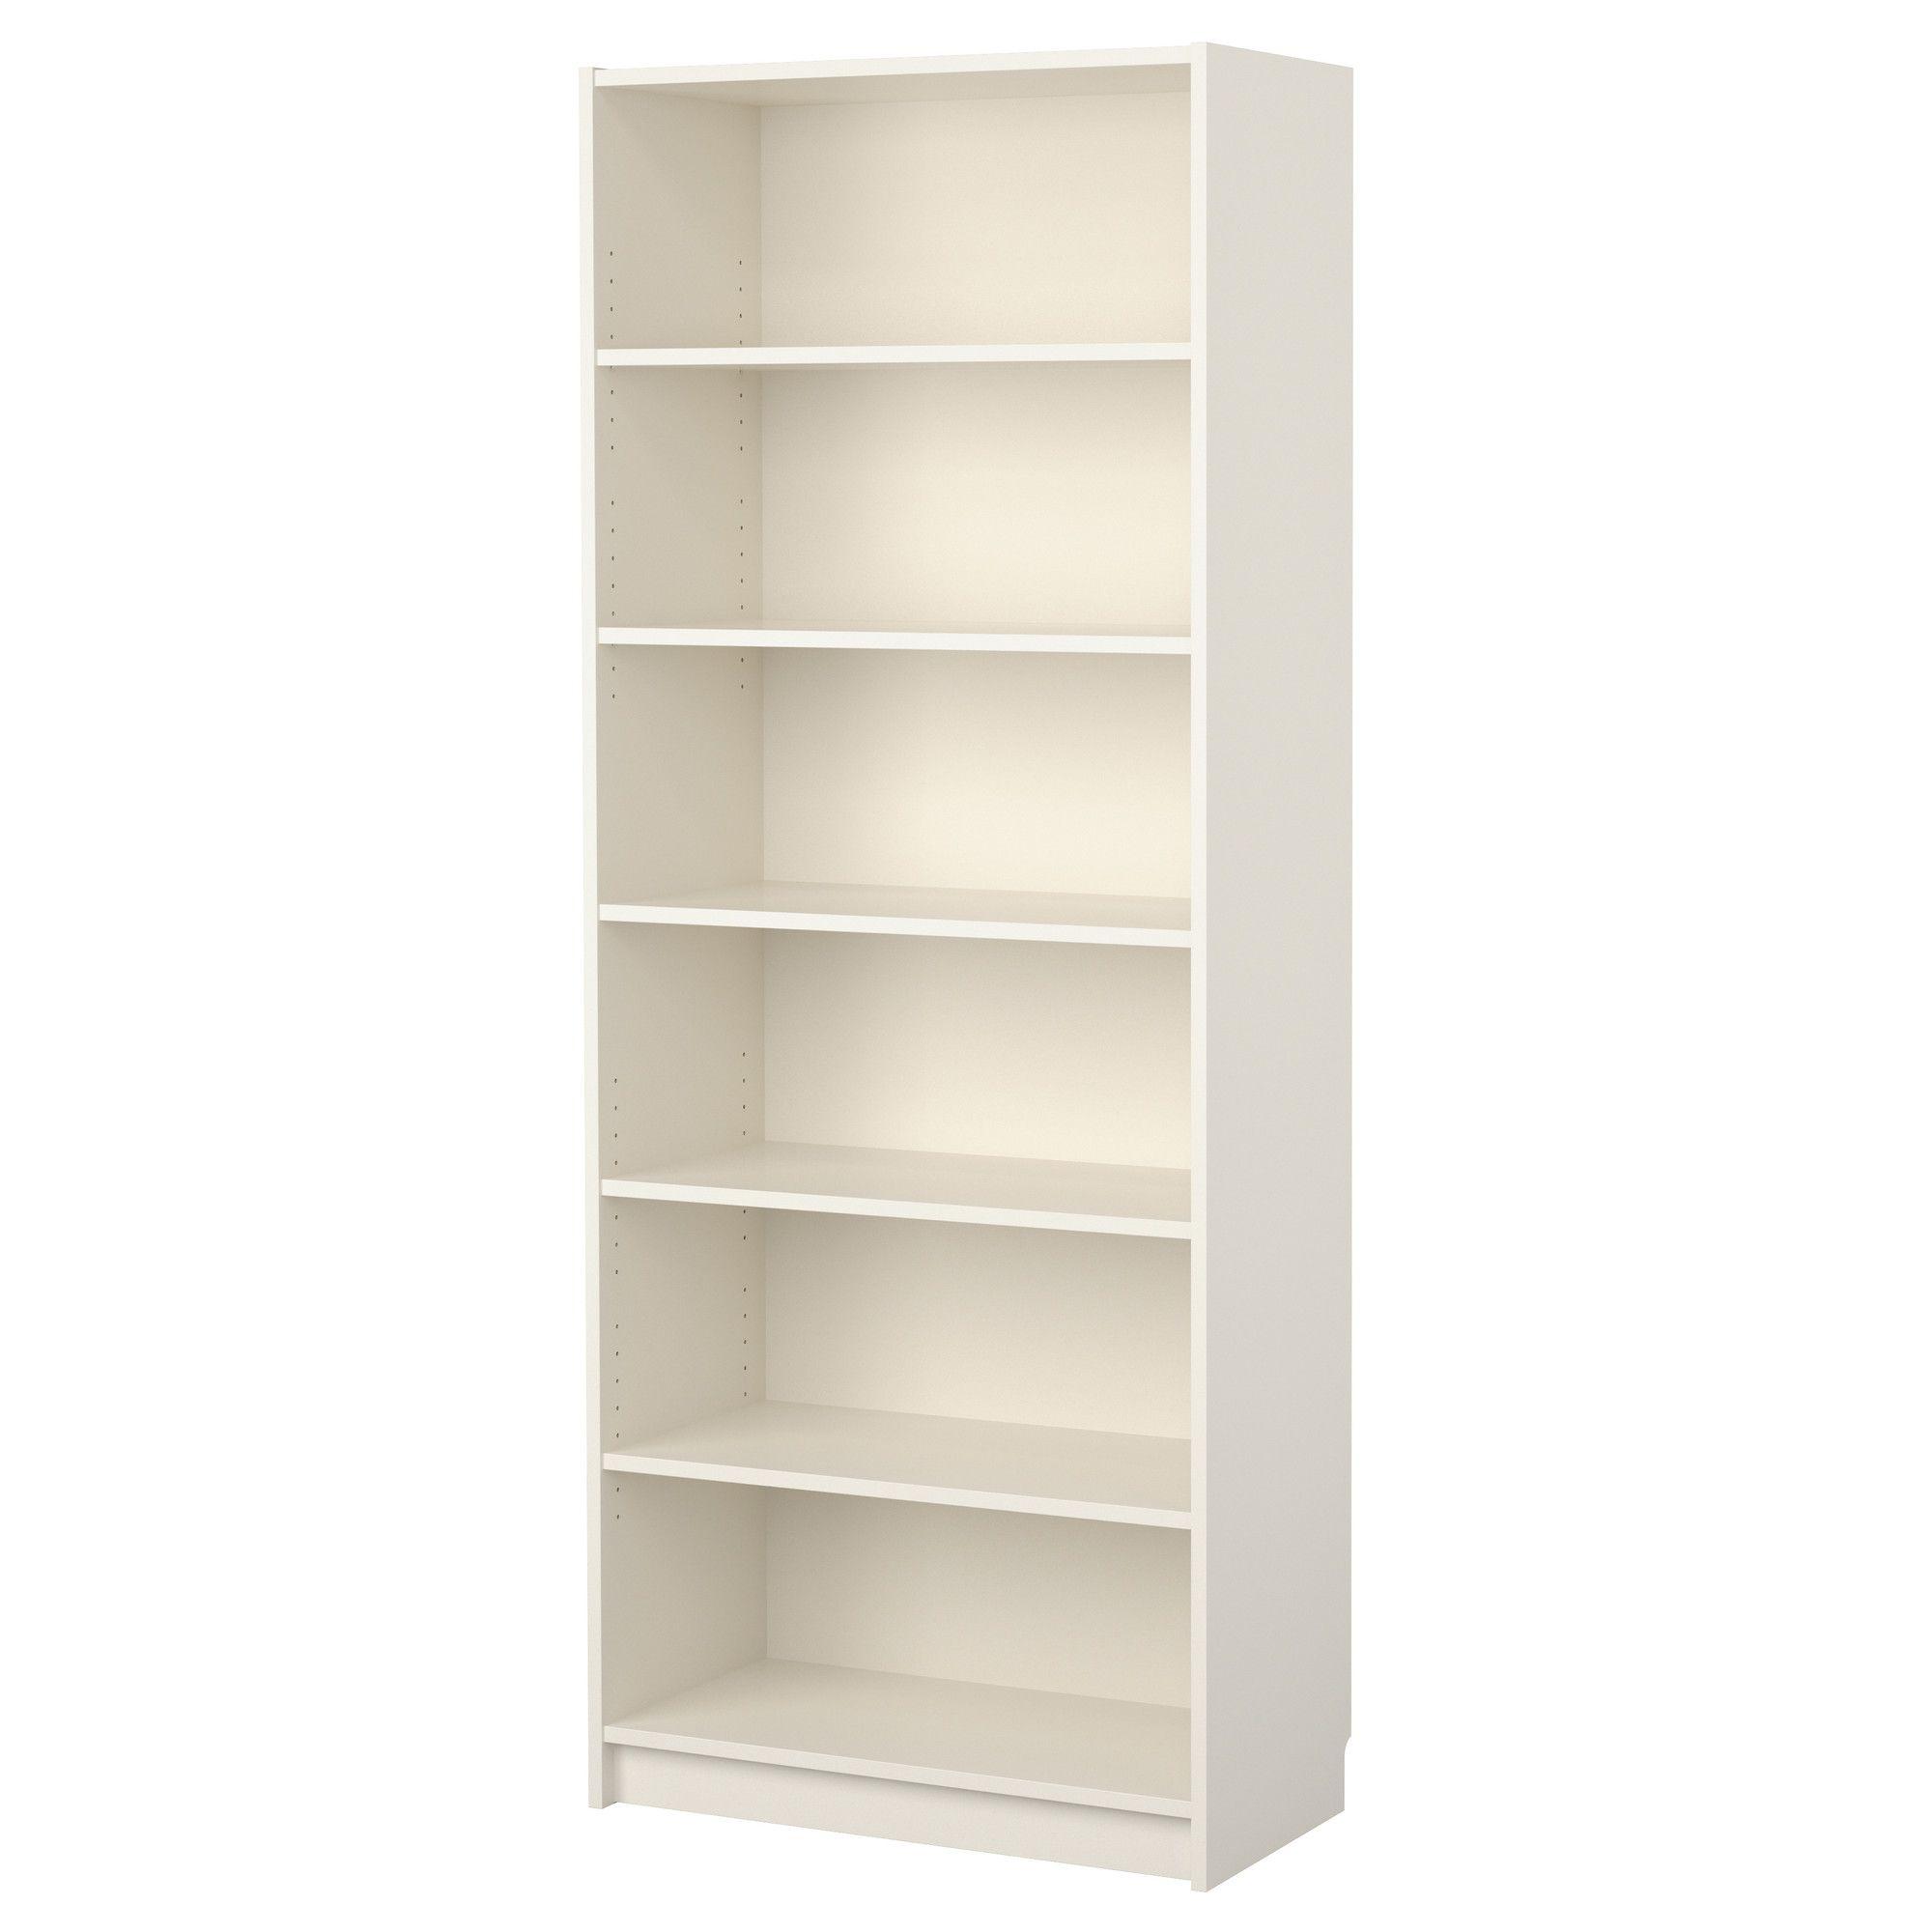 Cm 36 Bookcase Wide